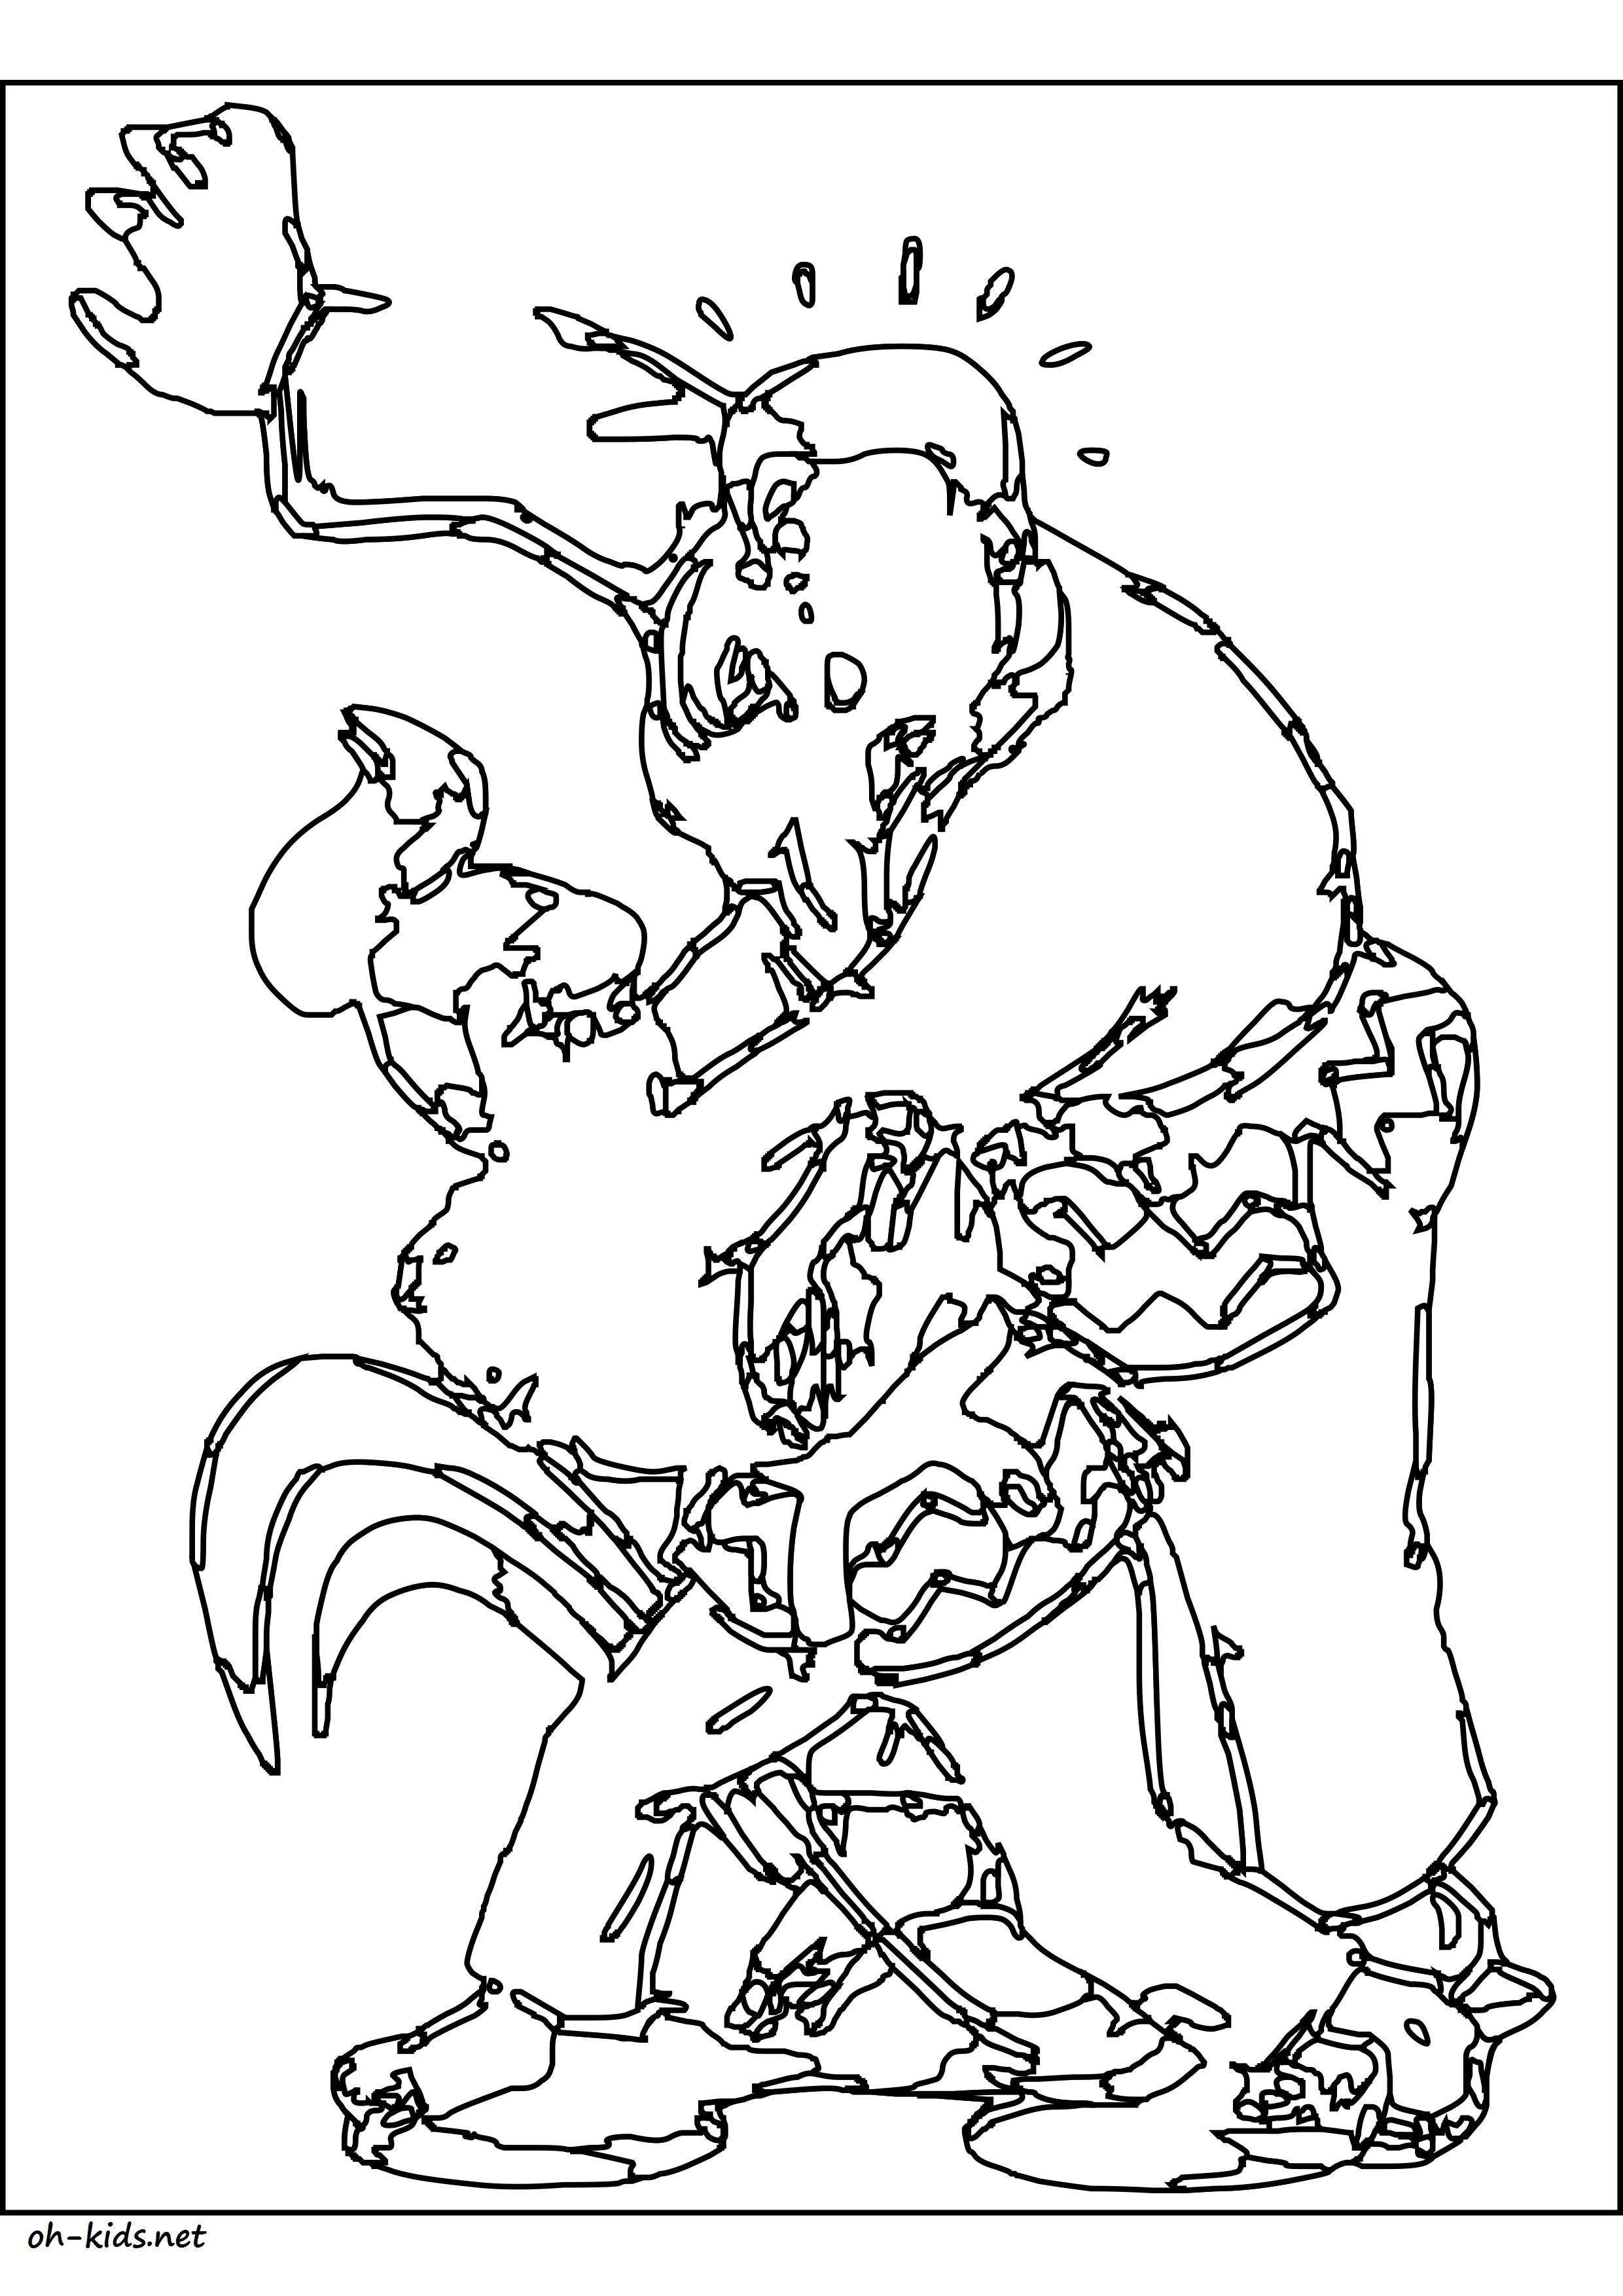 Coloriage de judo gratuit à imprimer - Dessin #1385